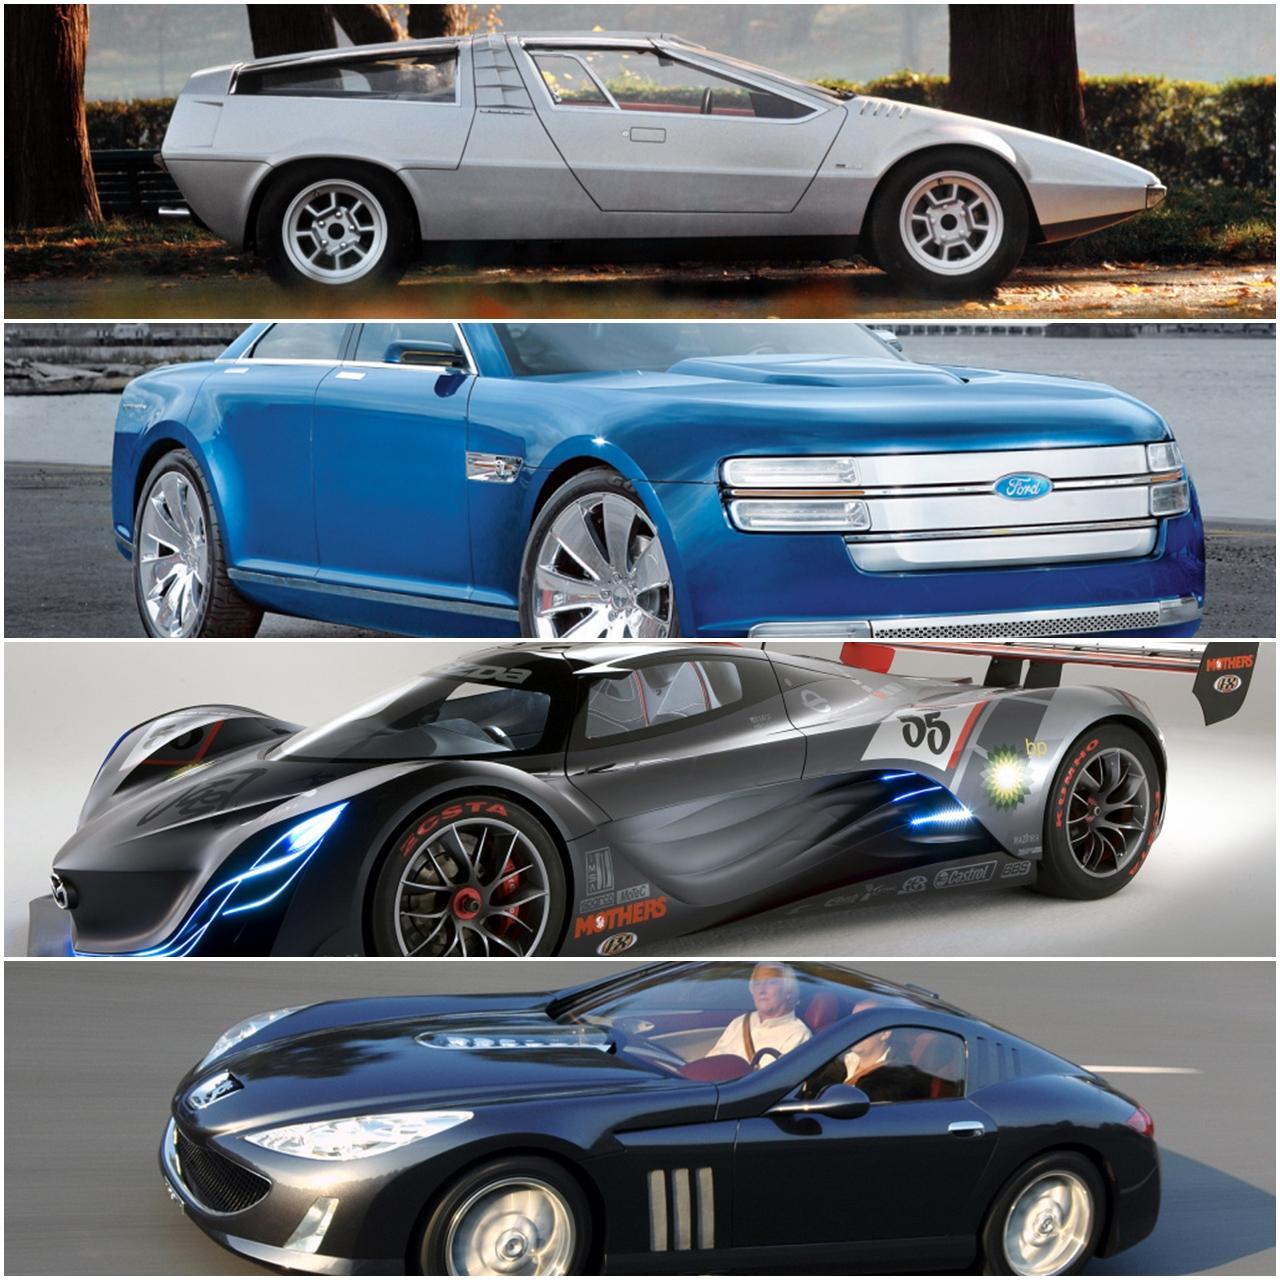 Samochody koncepcyjne: najsłynniejsze projekty na świecie